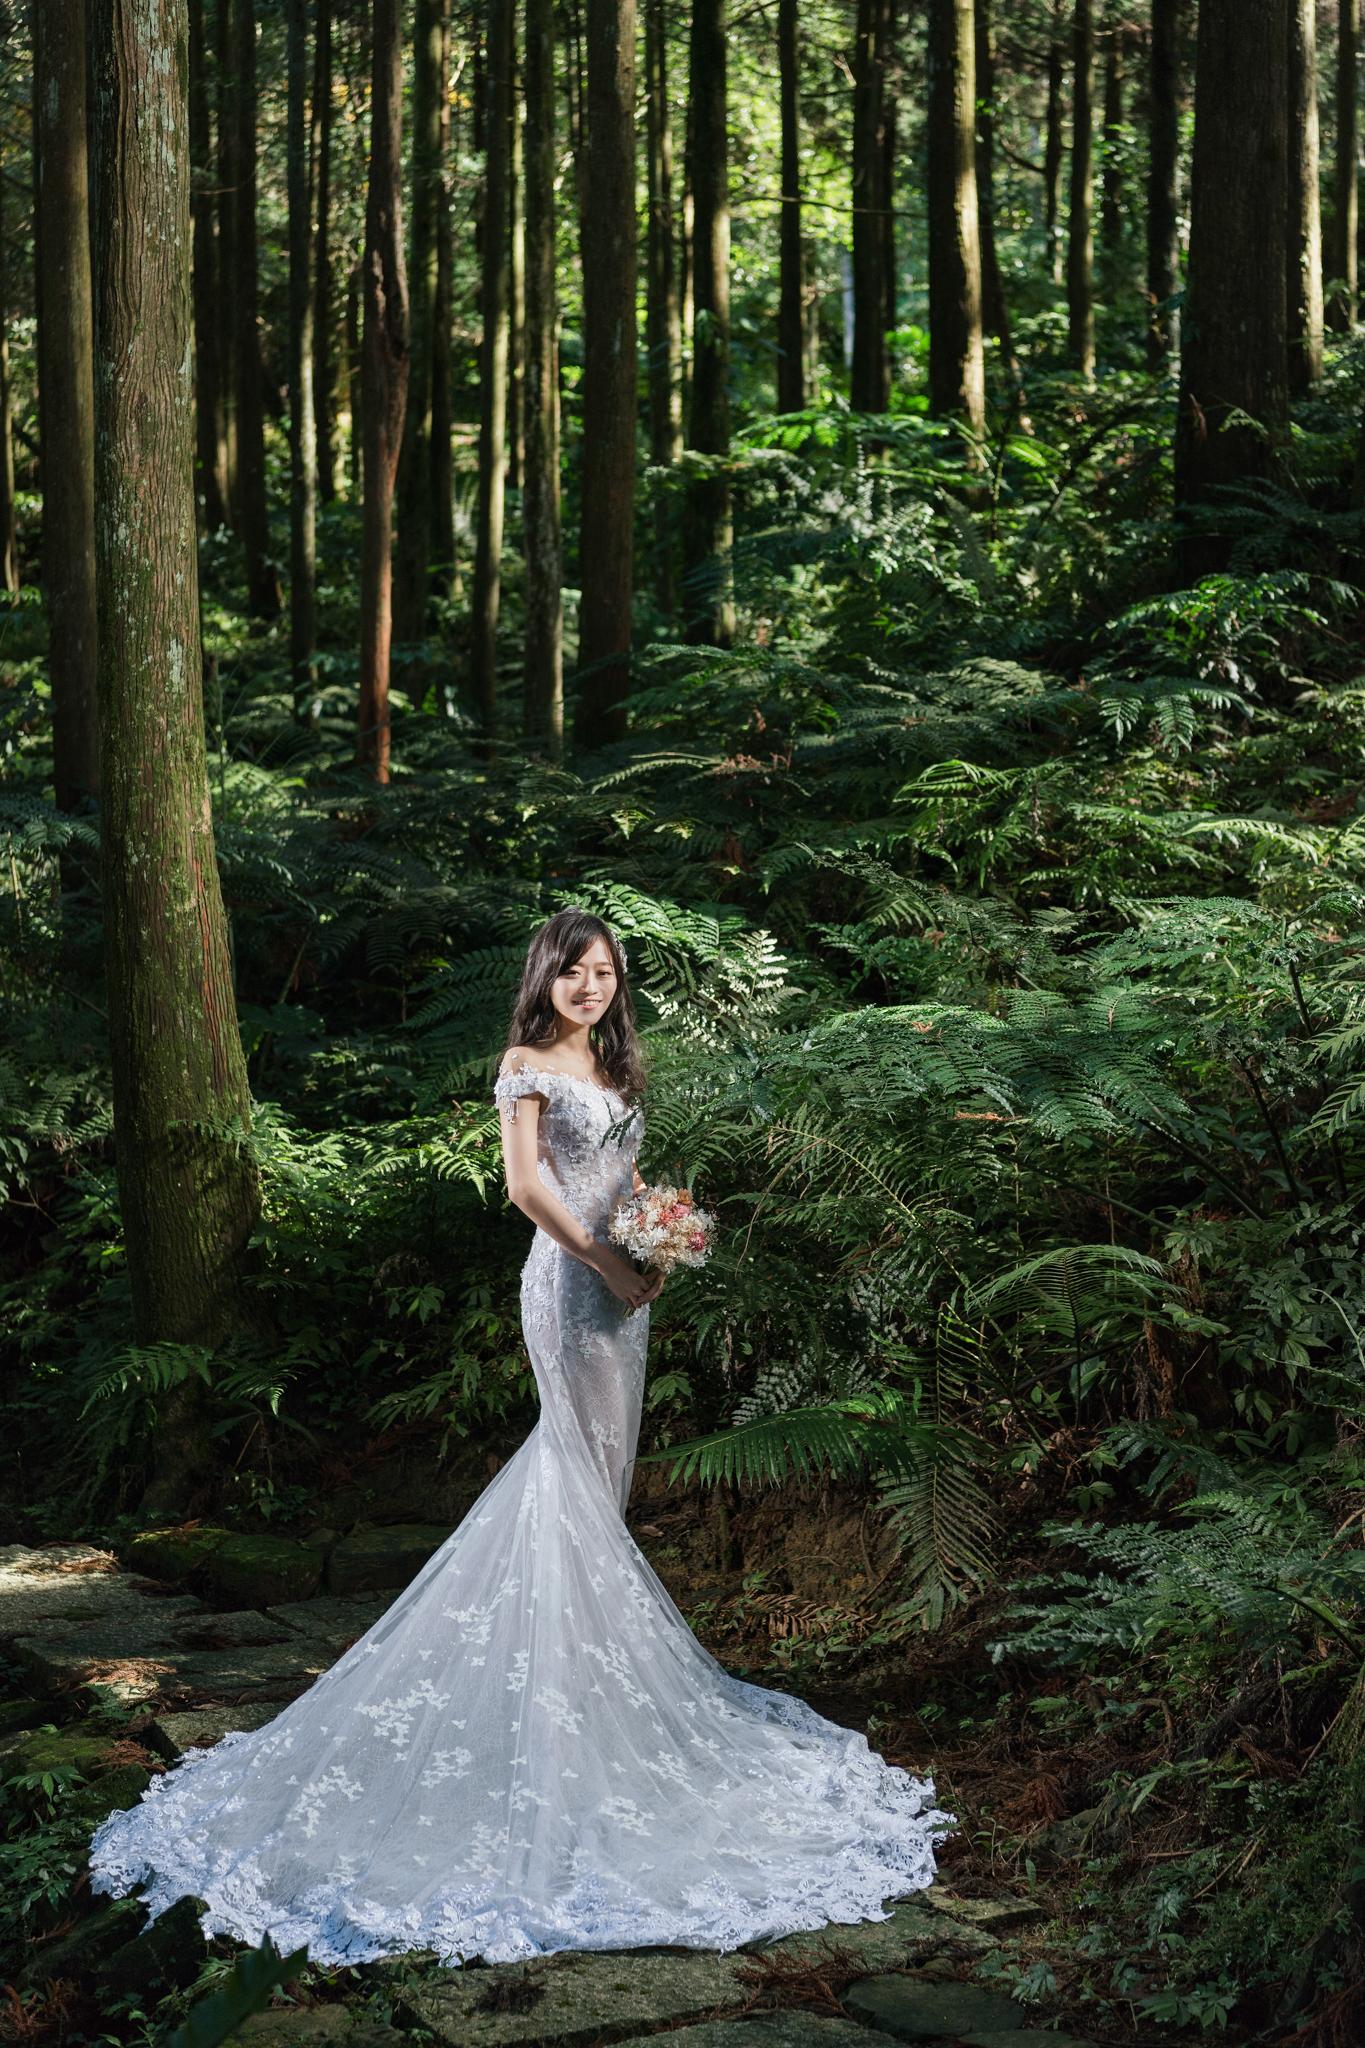 自主婚紗, 自助婚紗, 東法, 藝術婚紗, 藝術婚禮, Donfer, Donfer Photography, EASTERN WEDDING, 台北婚紗, 婚紗影像